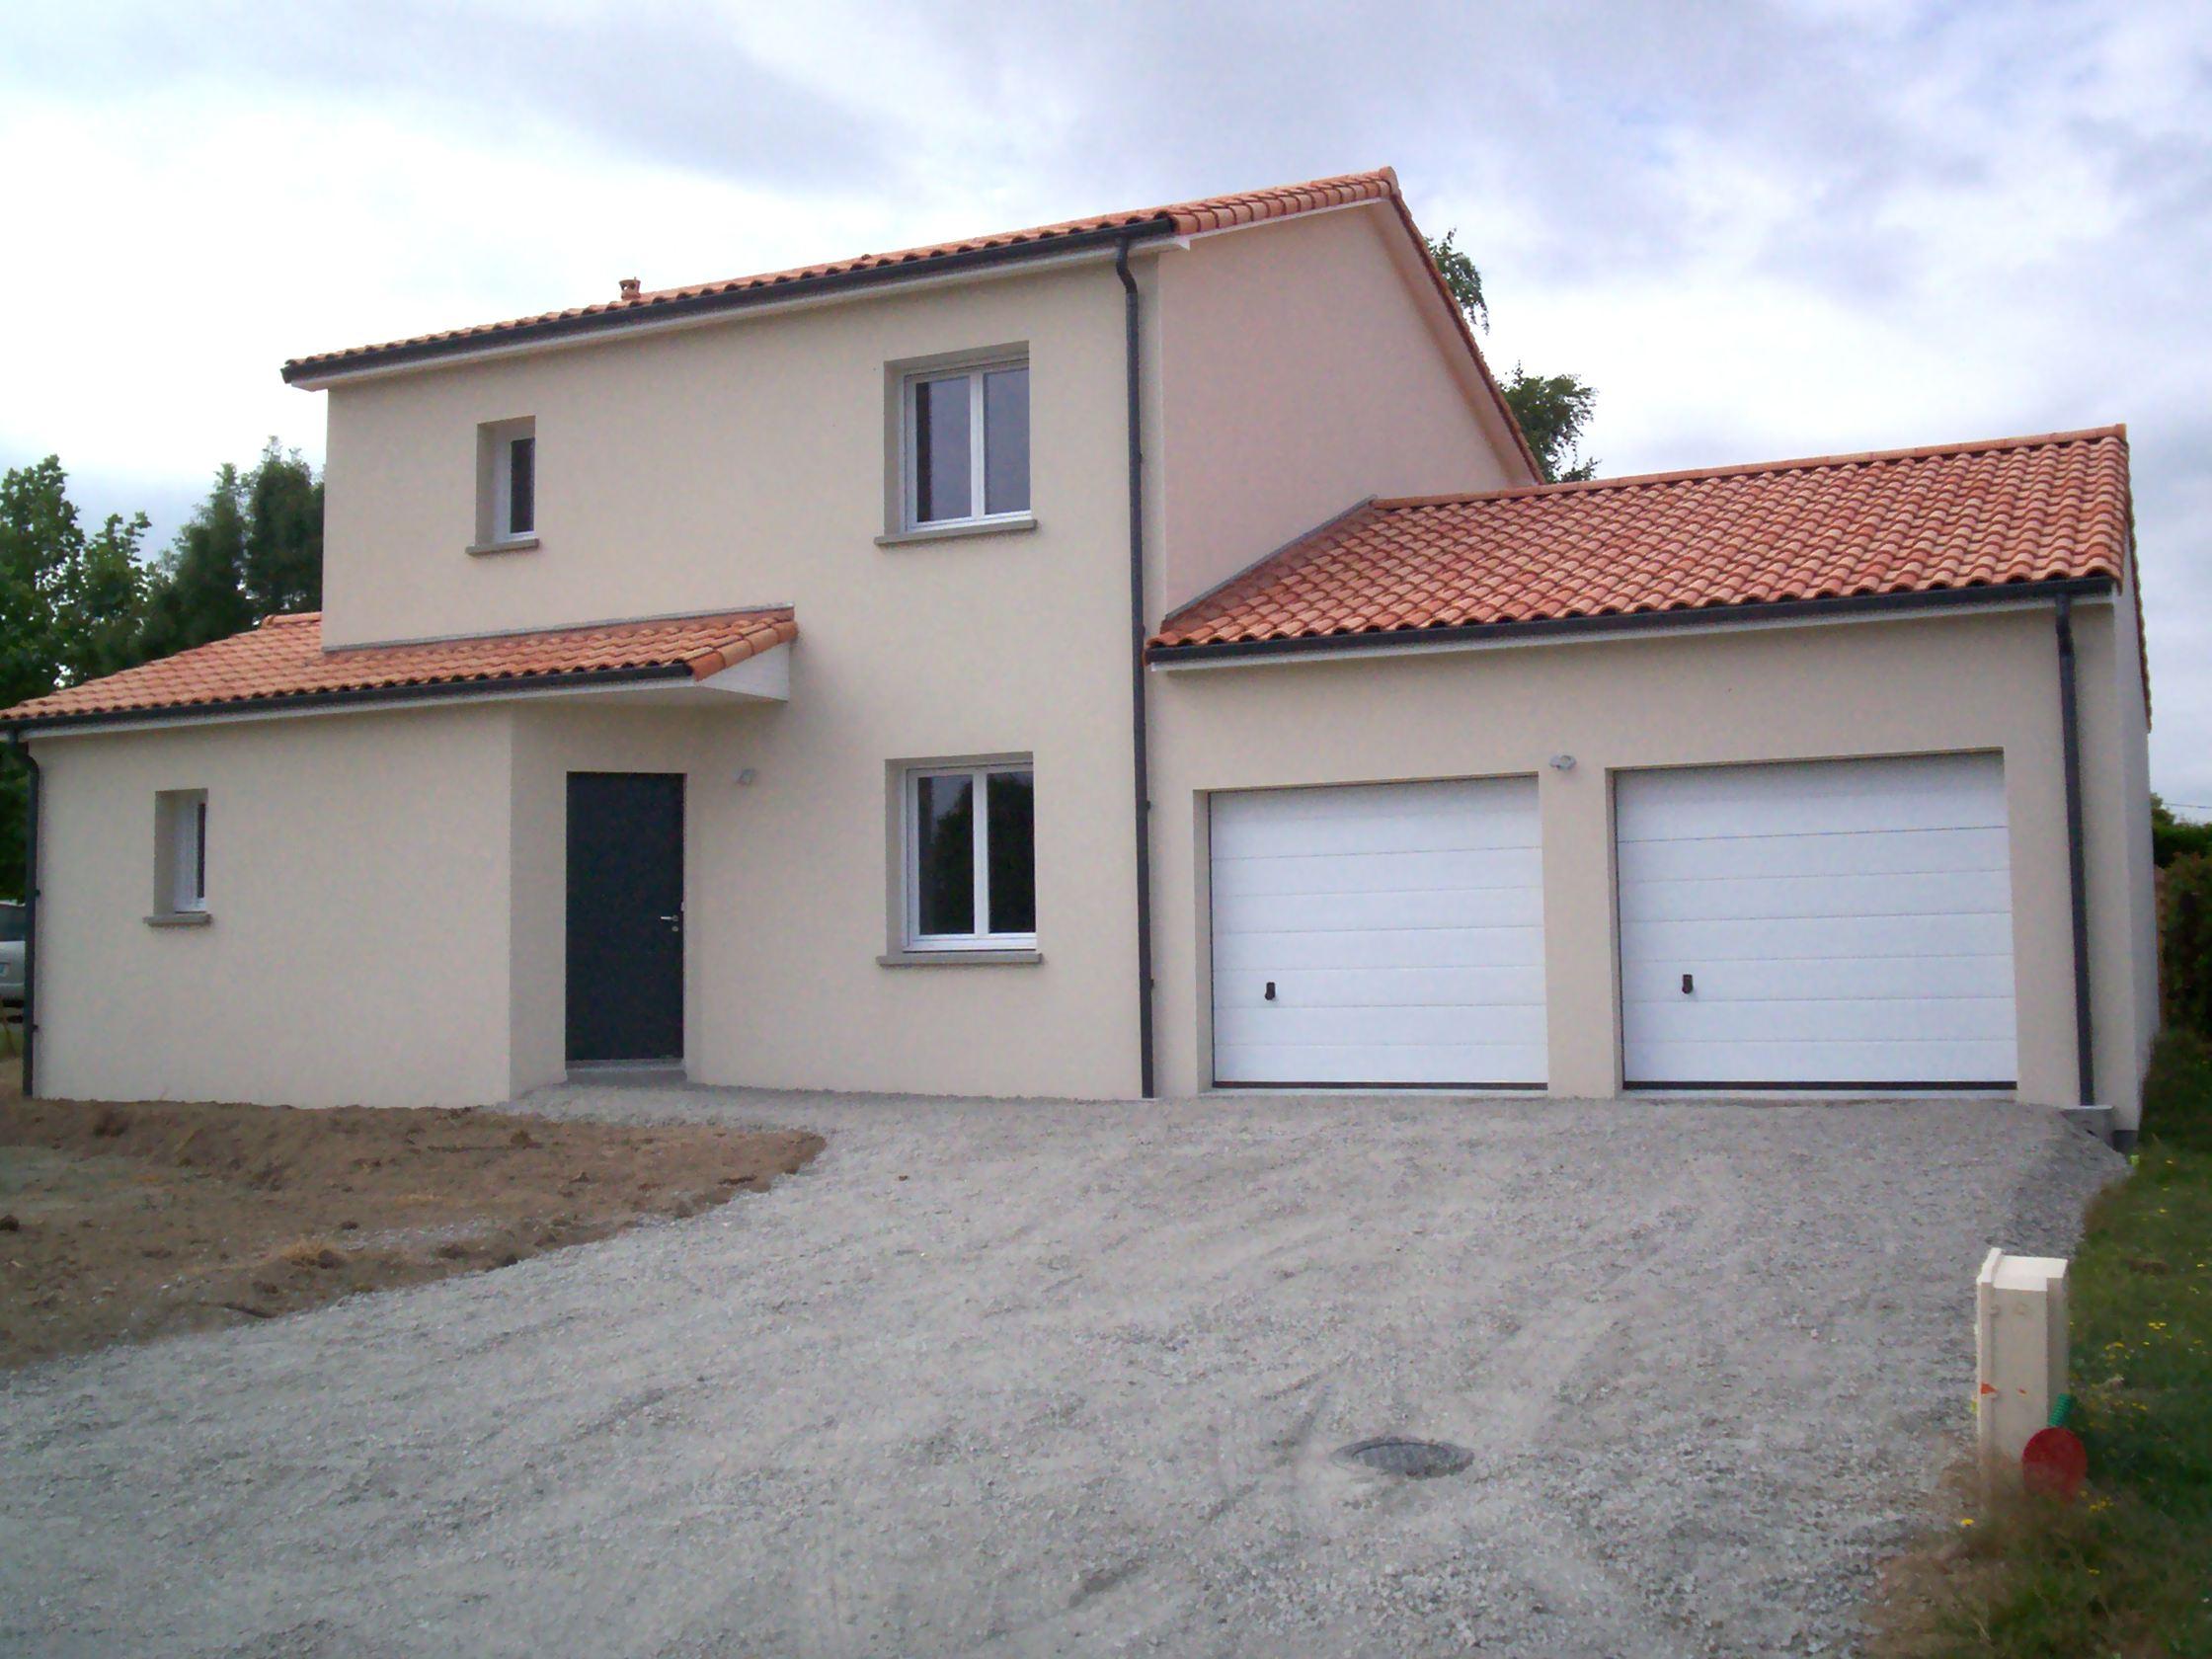 Maisons + Terrains du constructeur Maison Familiale • 140 m² • LES LANDES GENUSSON